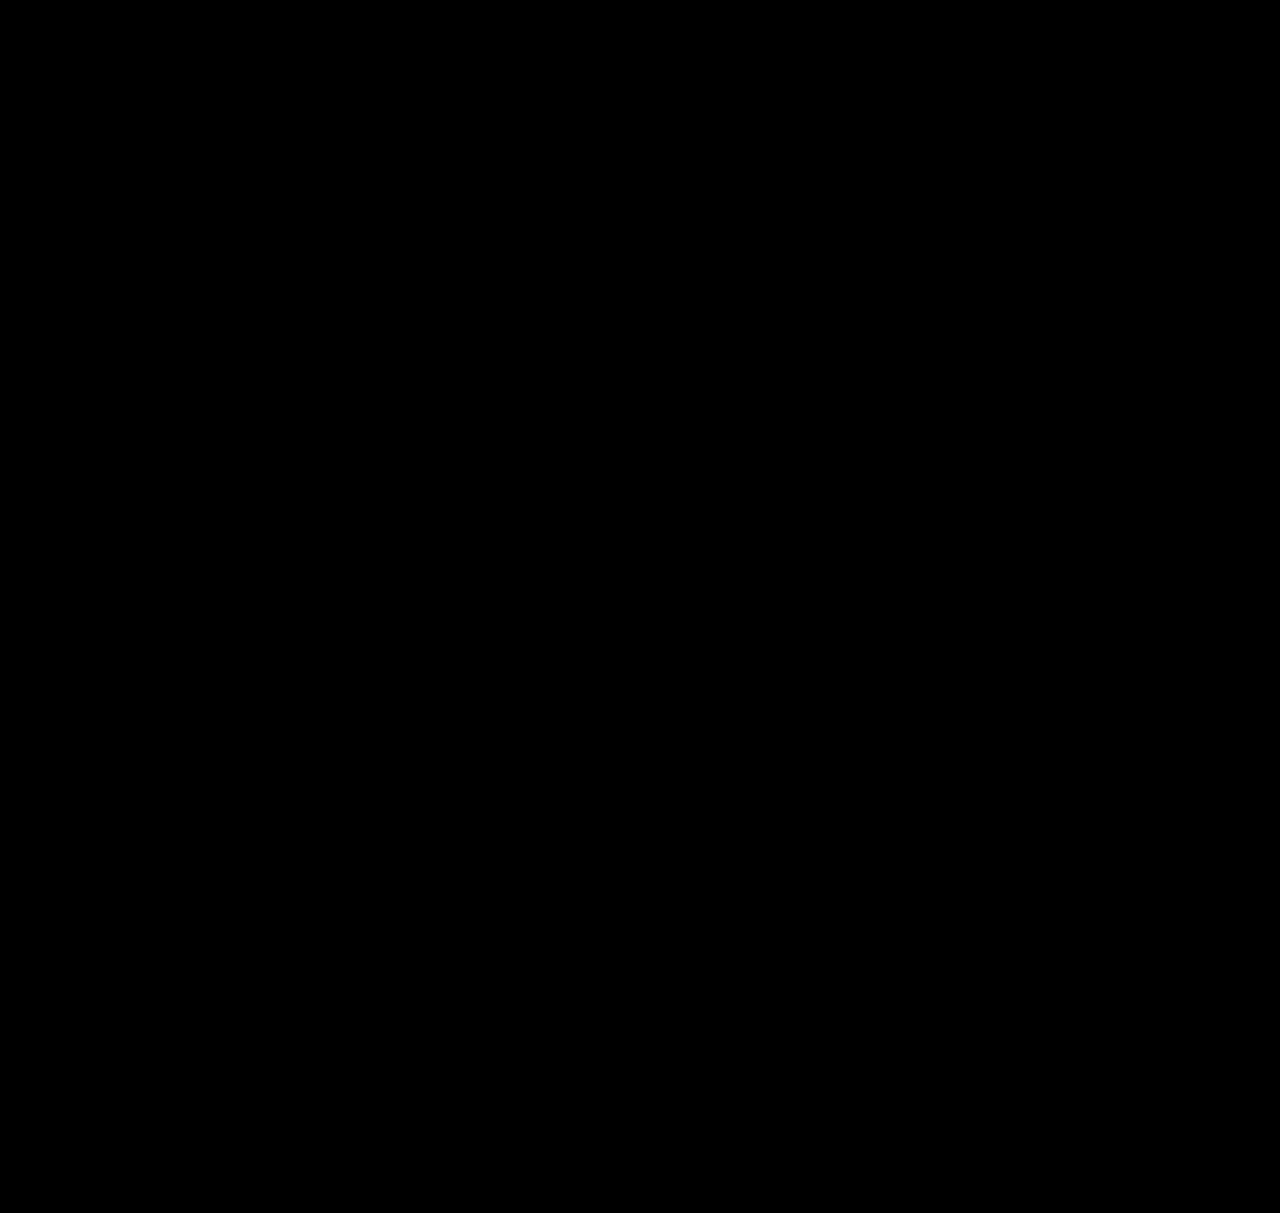 grafika wektorowa czarnobiała rodzina